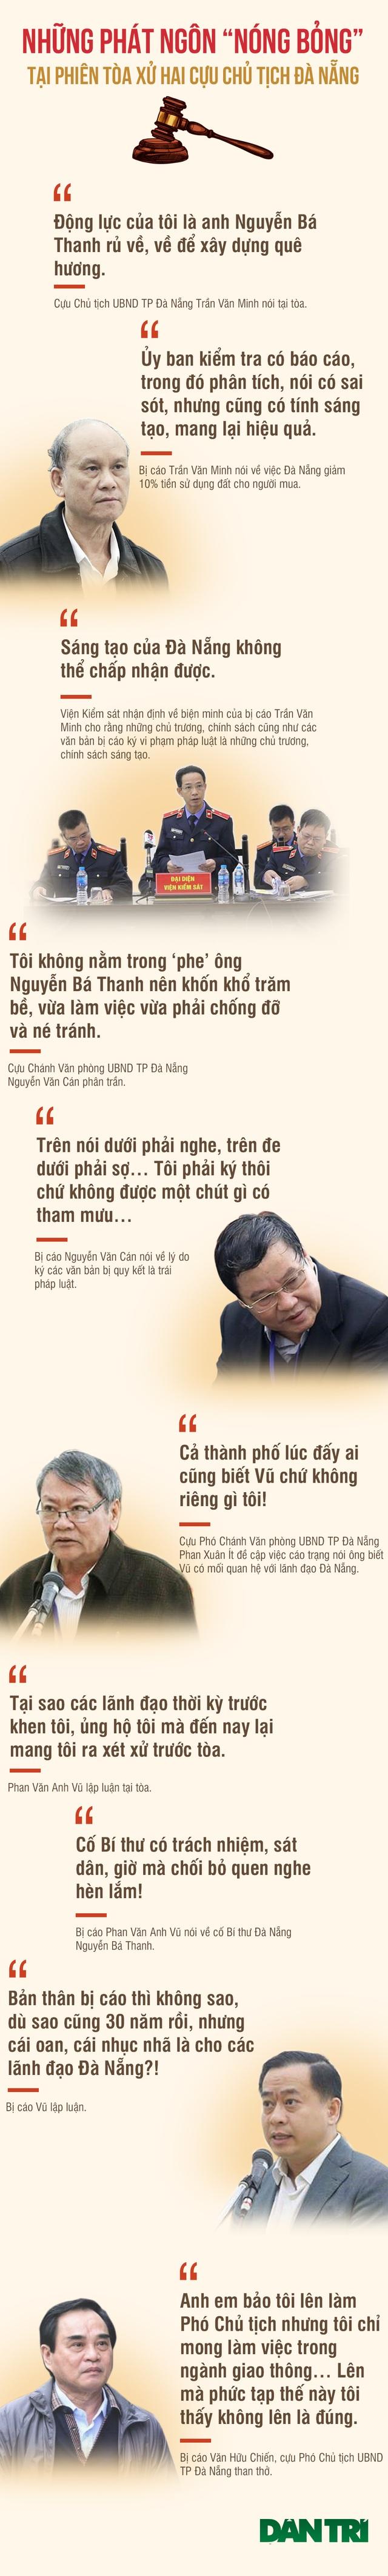 """Những phát ngôn """"đốt nóng"""" phiên xử 2 cựu Chủ tịch Đà Nẵng và Vũ """"nhôm"""" - 1"""